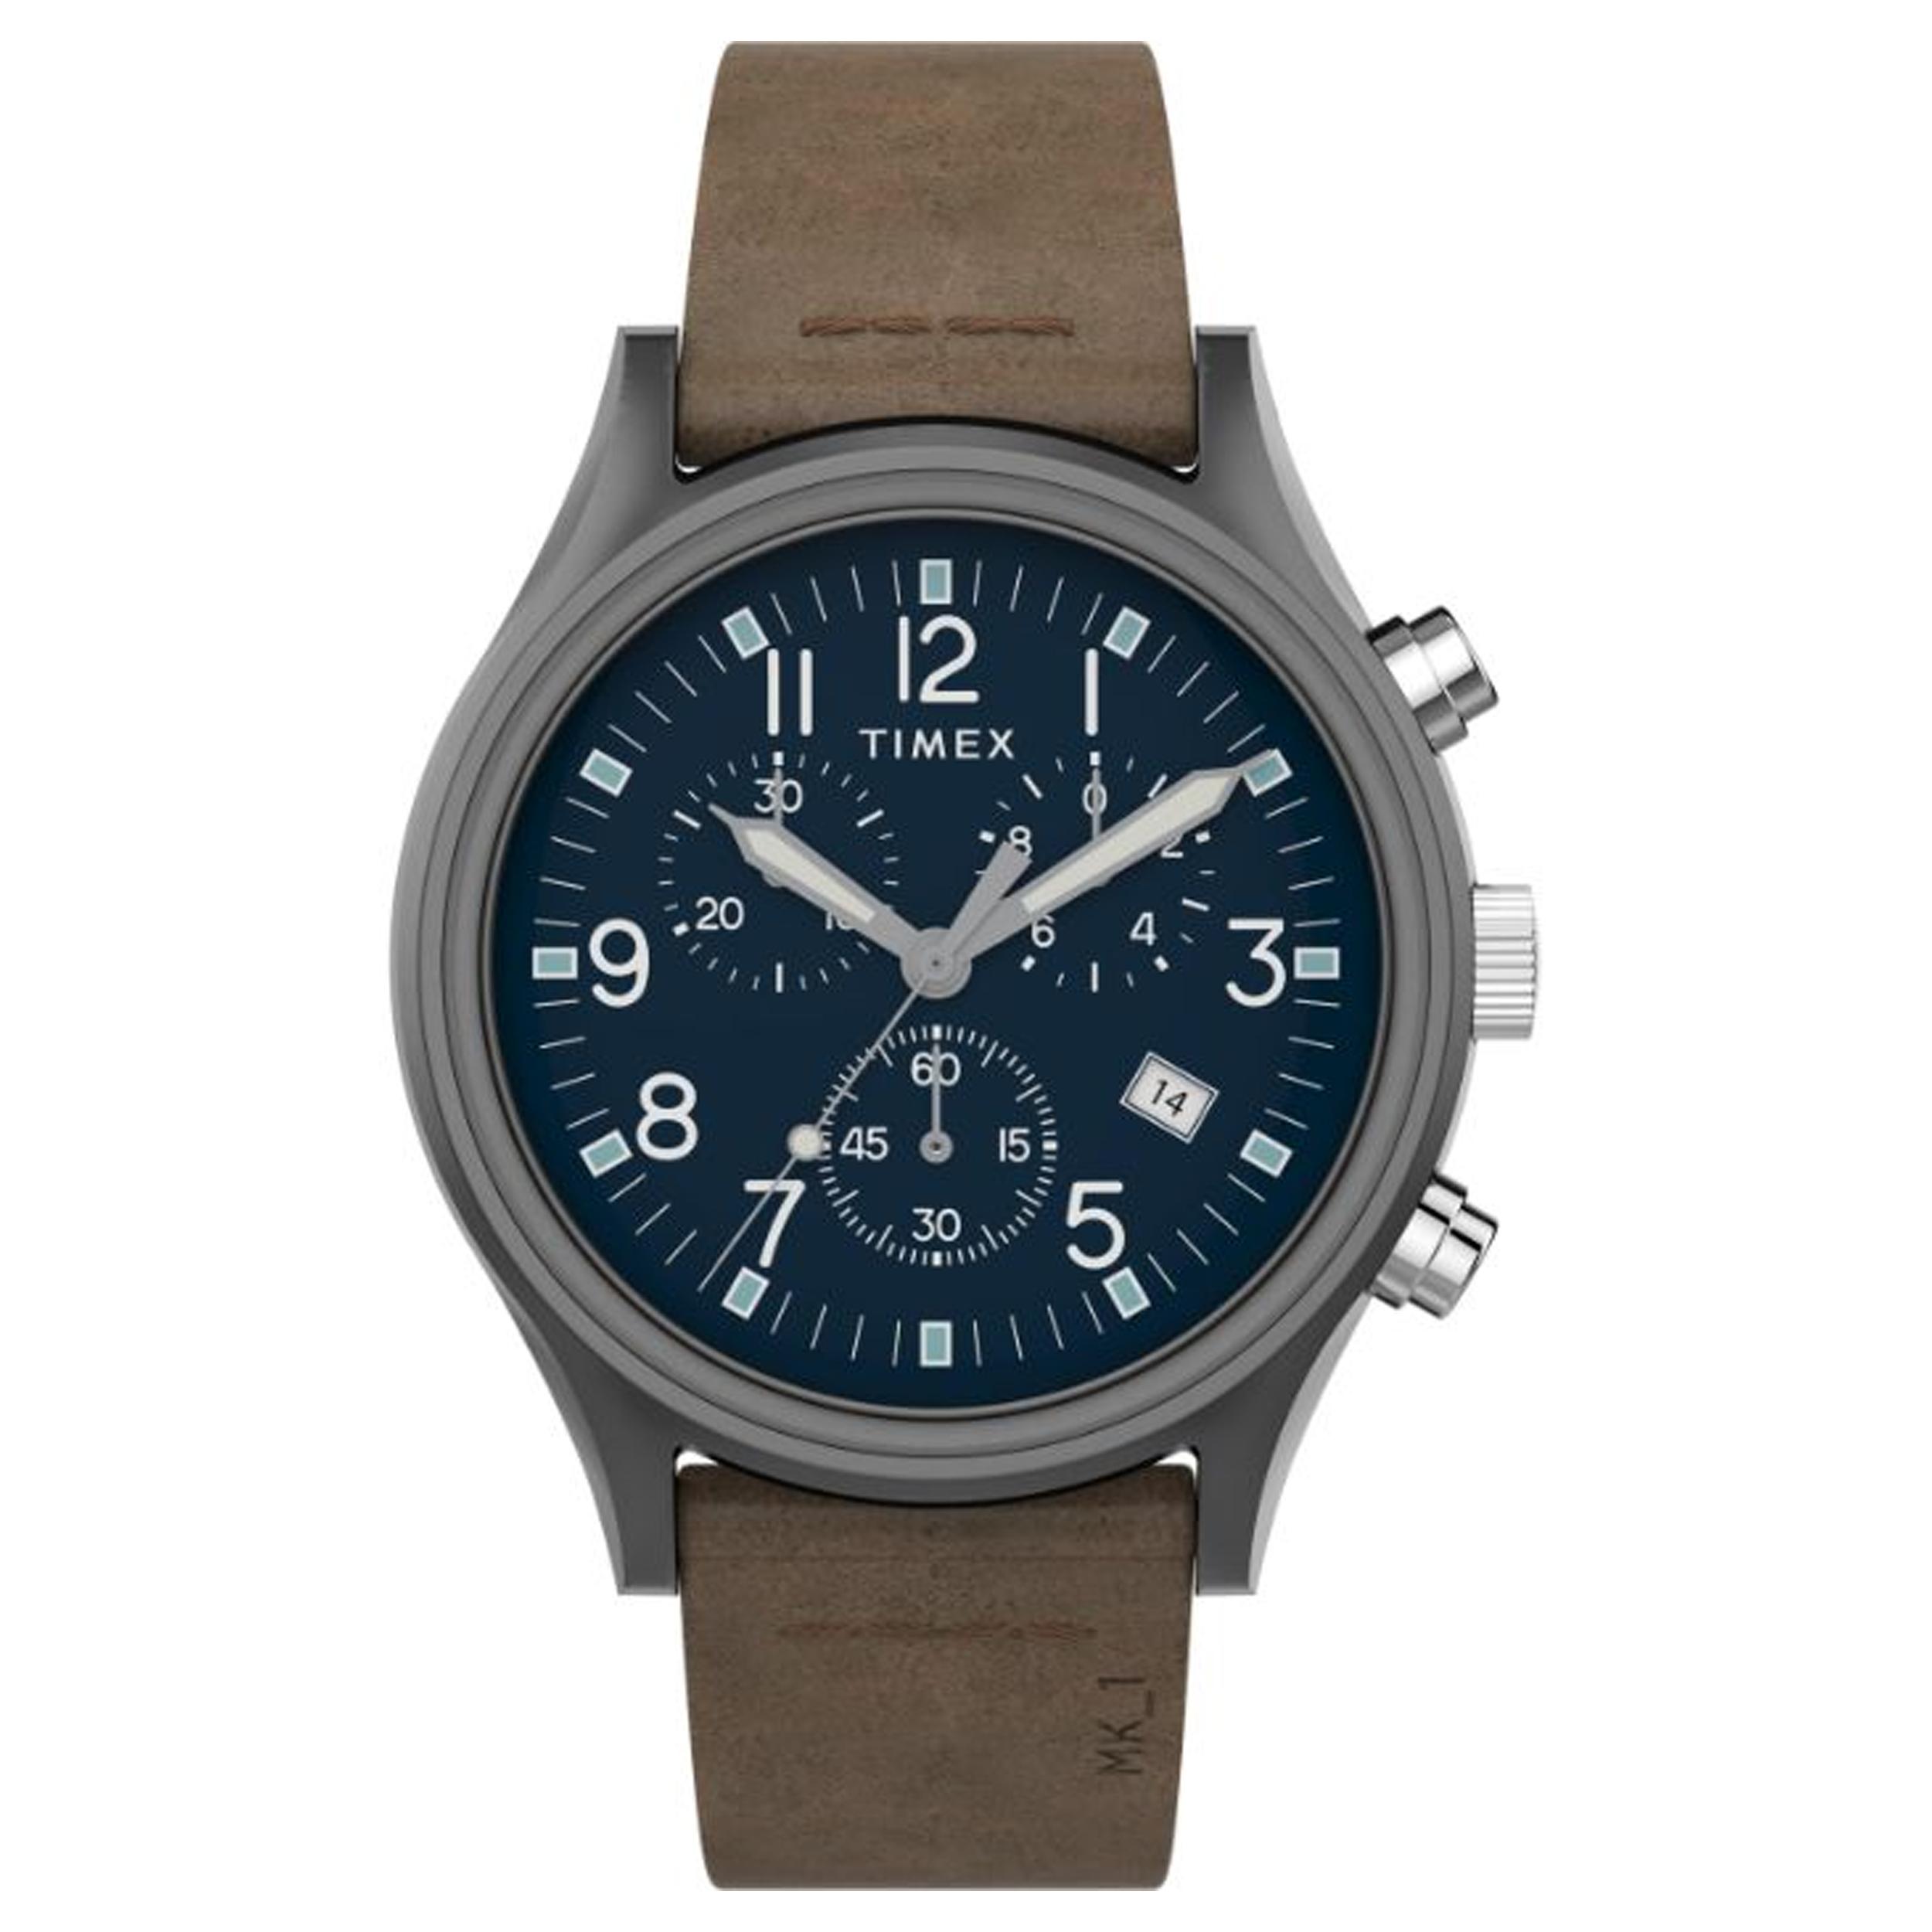 ساعت مچی عقربه ای مردانه تایمکس مدل TW2T68000